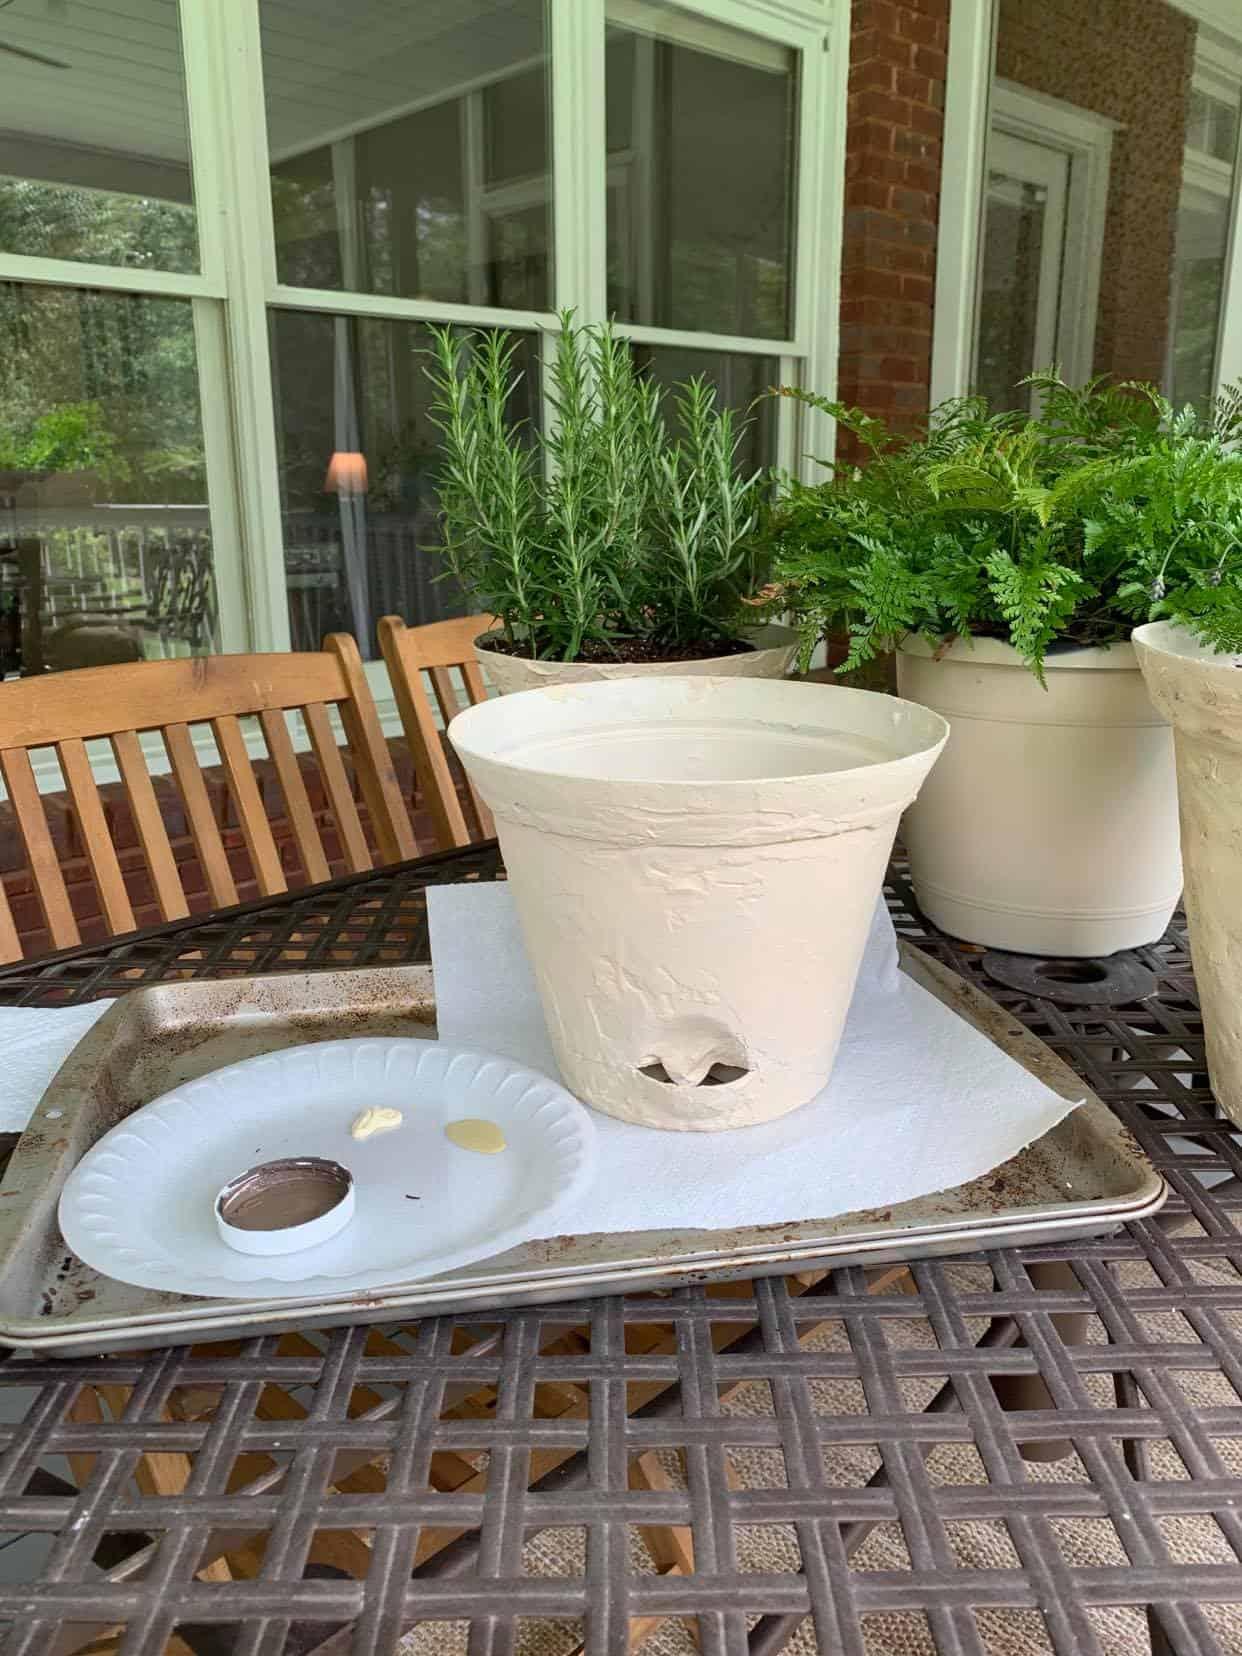 paint the planter pot